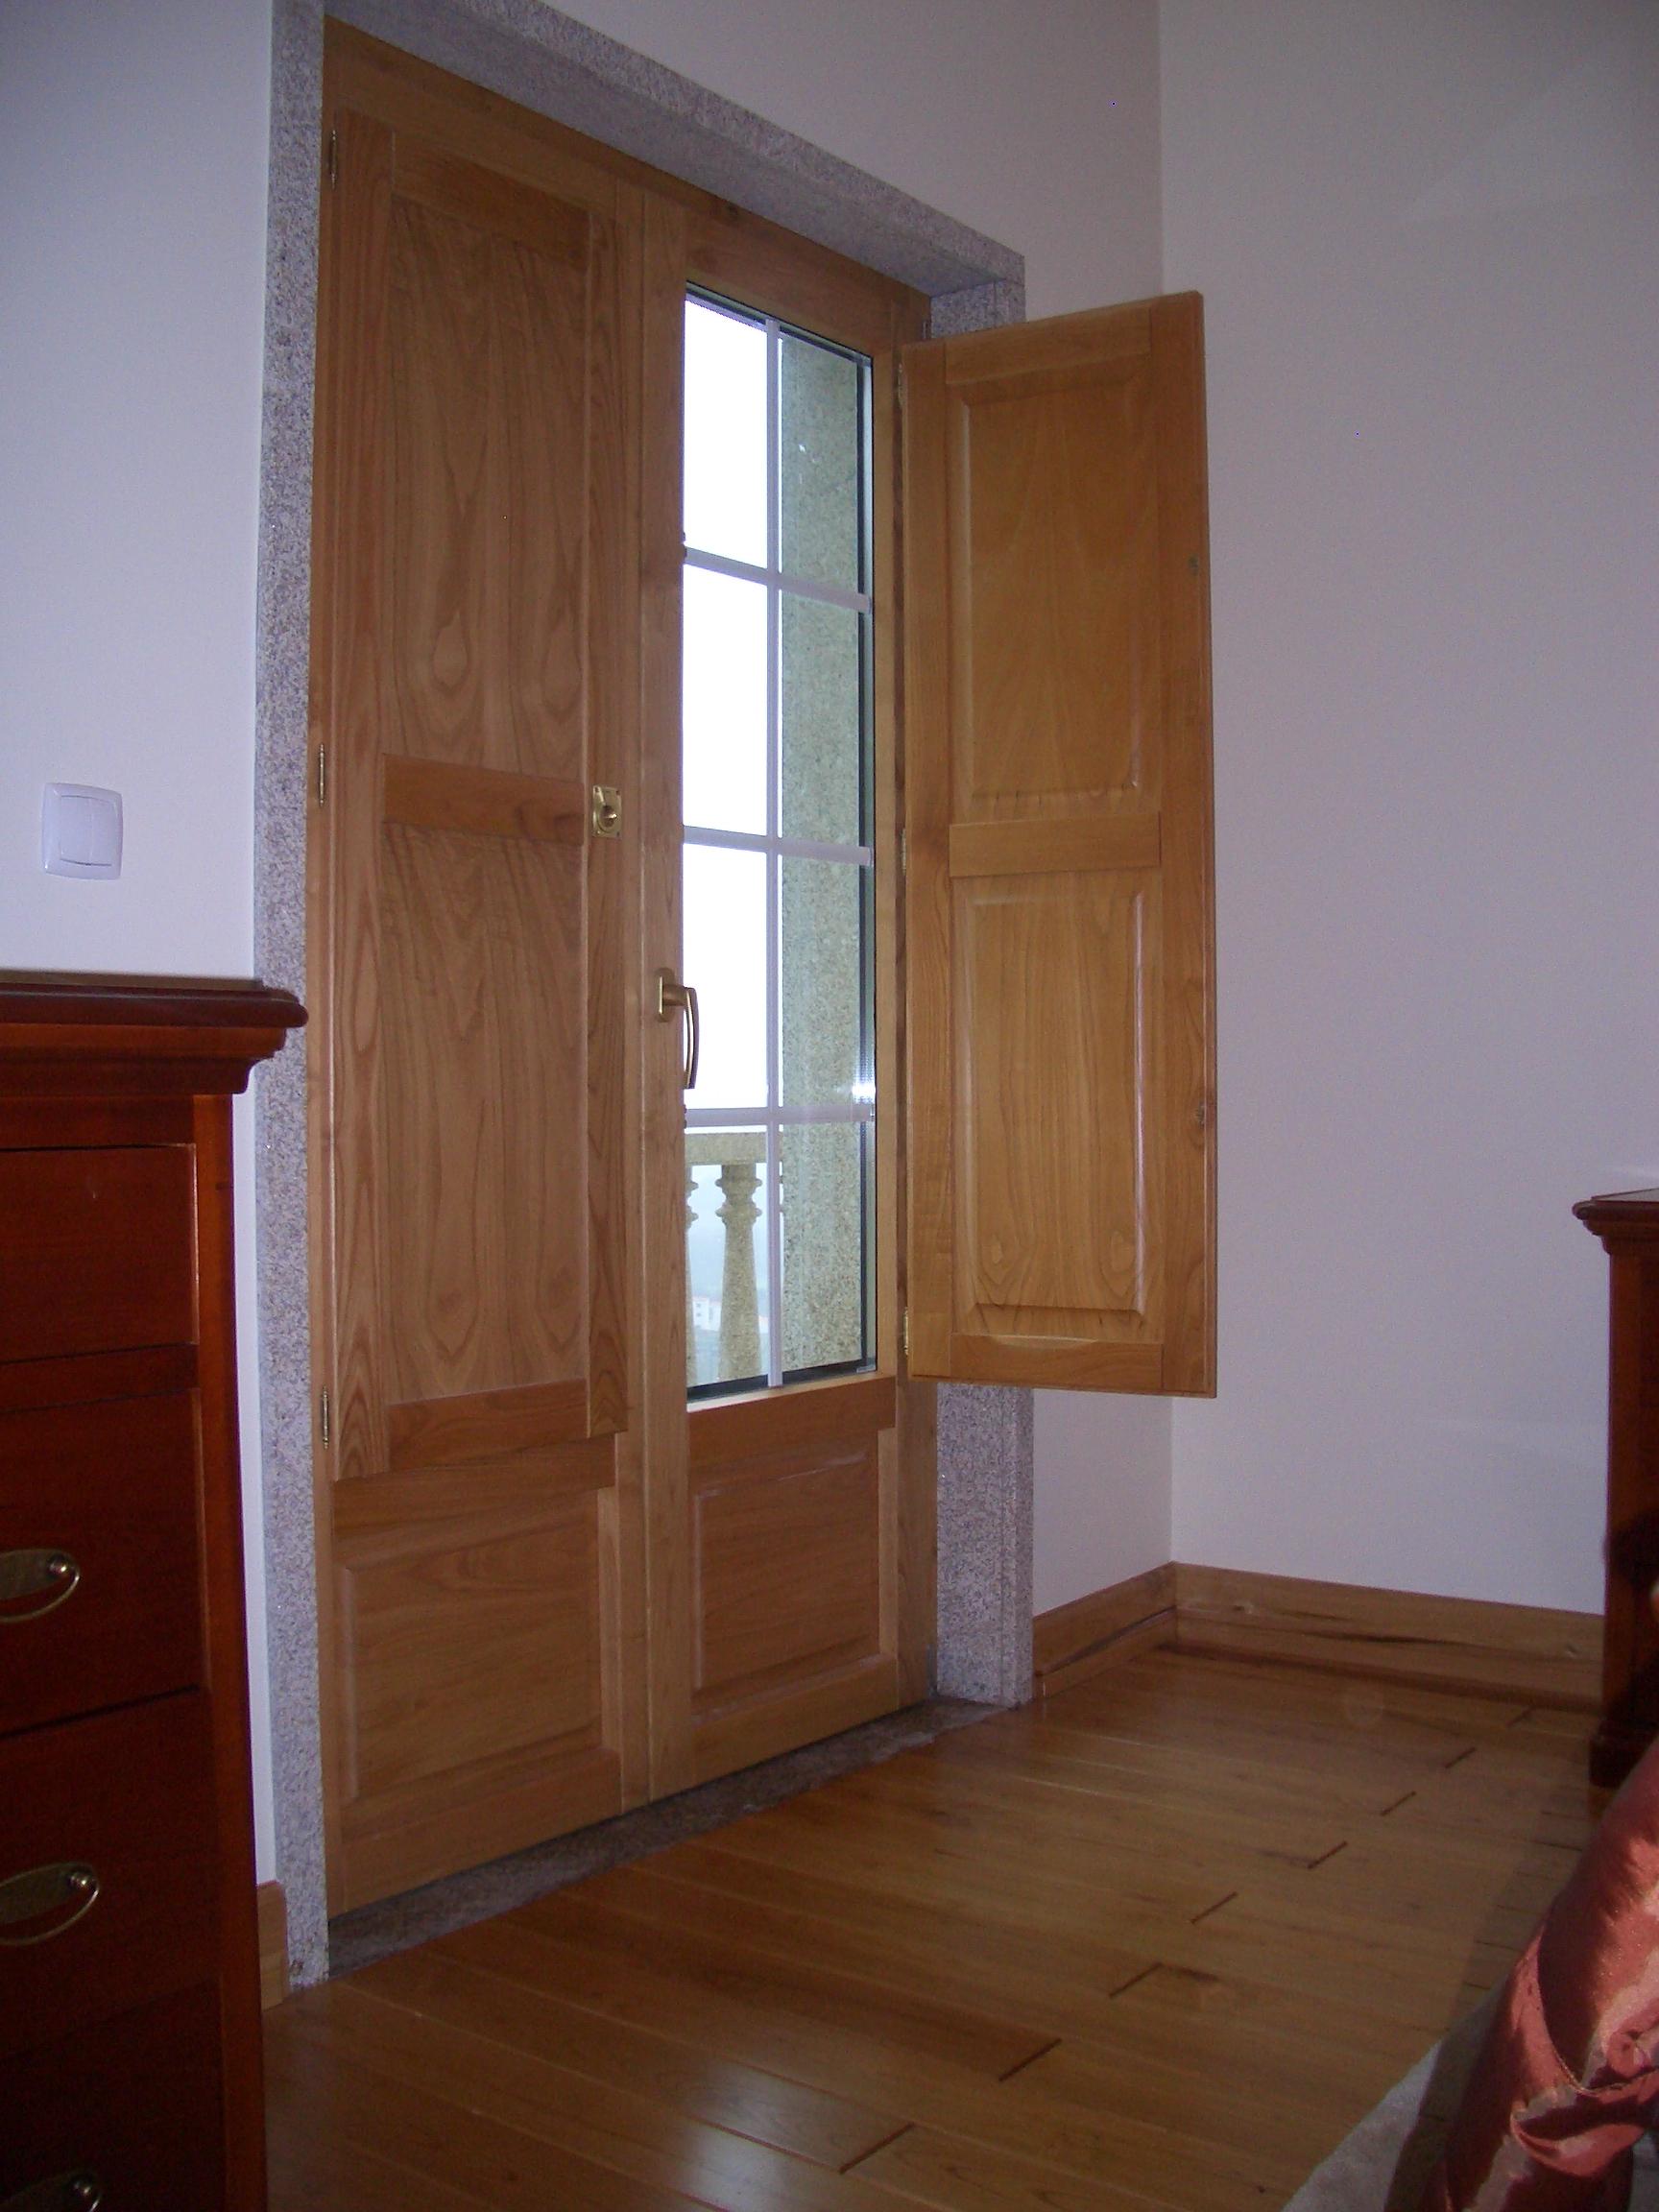 #401E13  em madeira modelo clssico porta/janela madeira alumnio com  4078 Fabricantes De Janelas Em Madeira